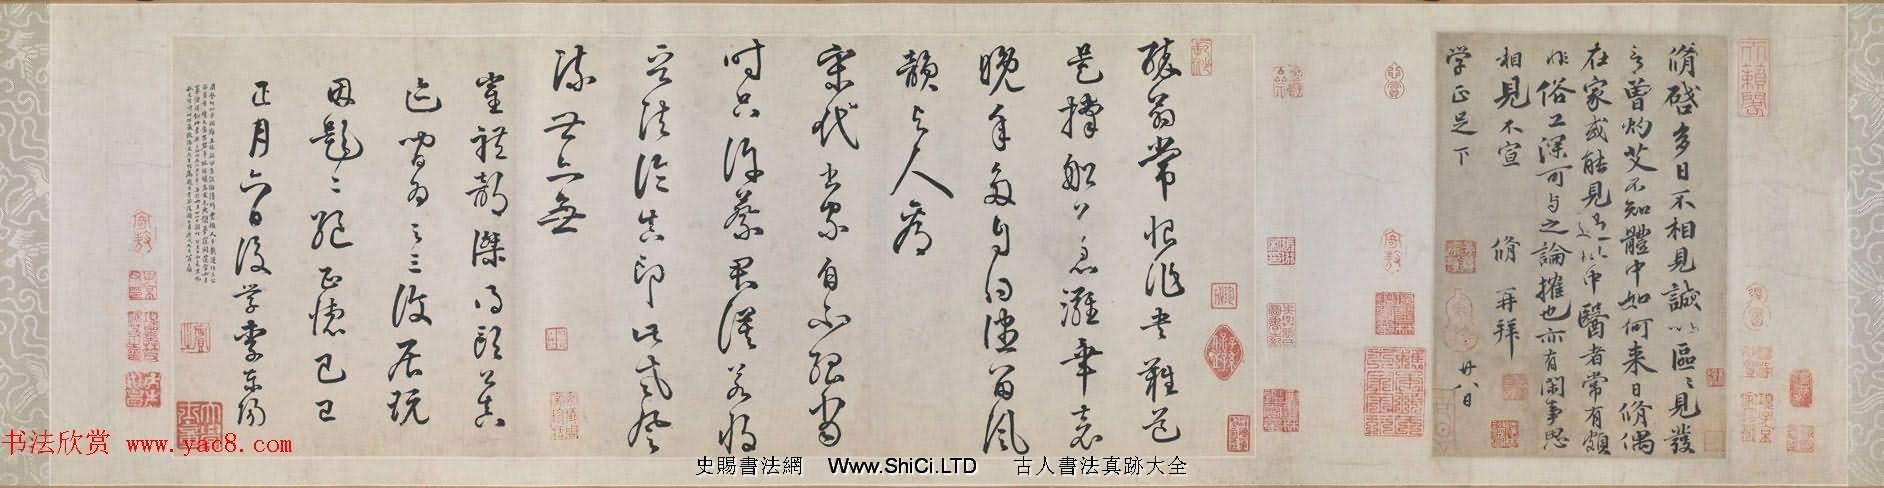 李東陽書法真跡欣賞《跋歐陽修灼艾帖後》高清(共4張圖片)